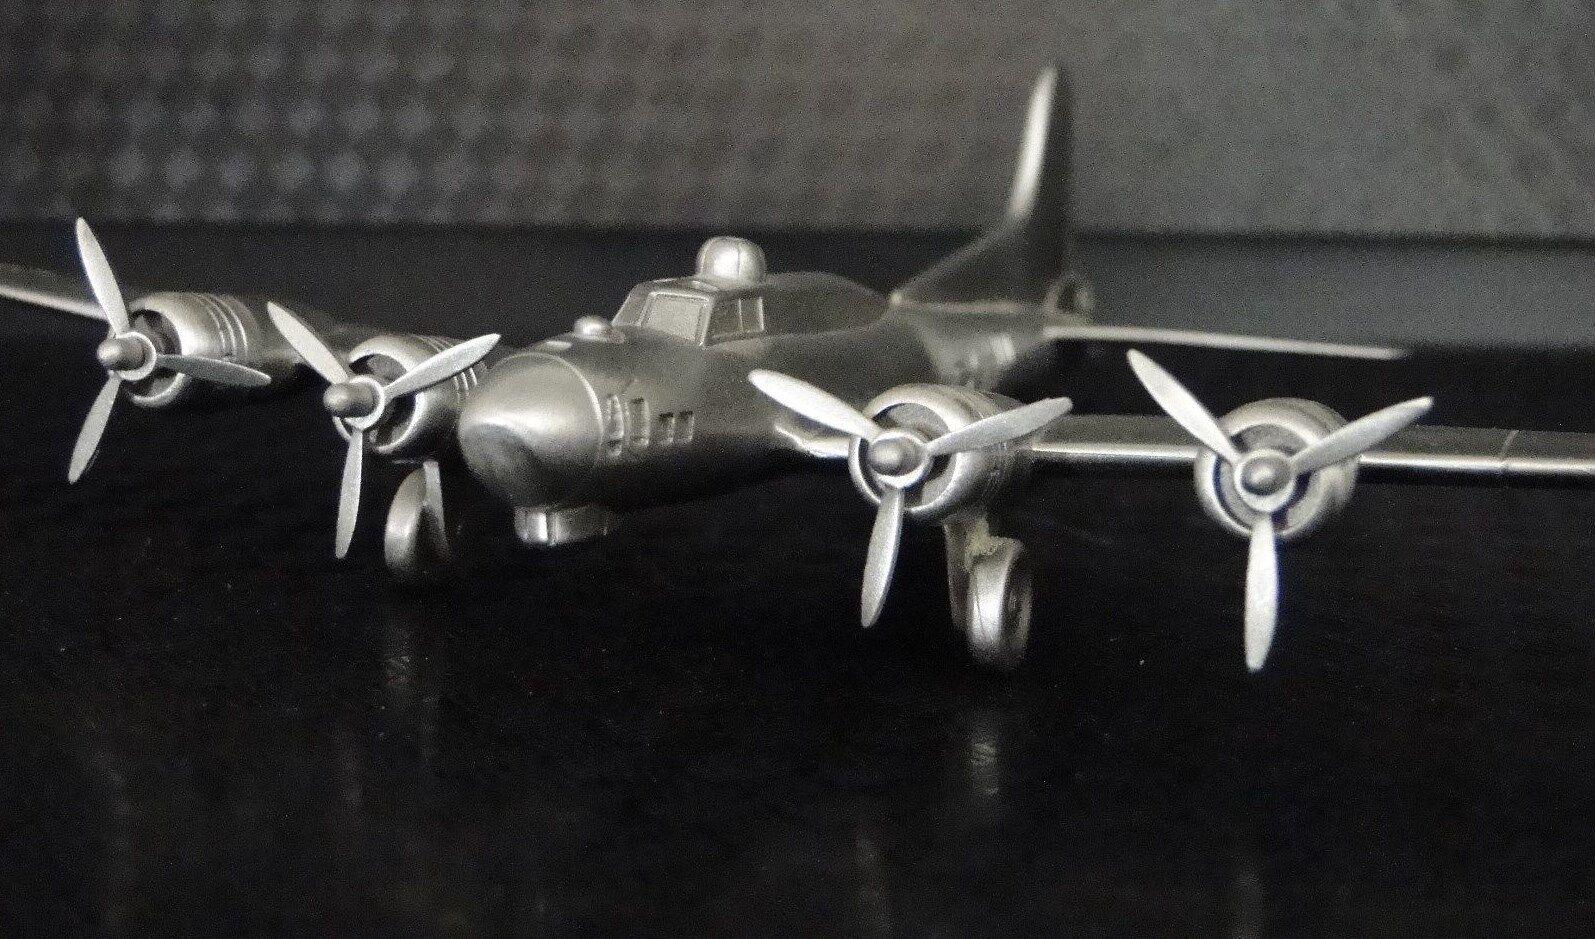 Modelo de metal avión aeronave 1 militar Fighter nos Fuerza Aérea Vintage 32 Estados Unidos Air Force 48